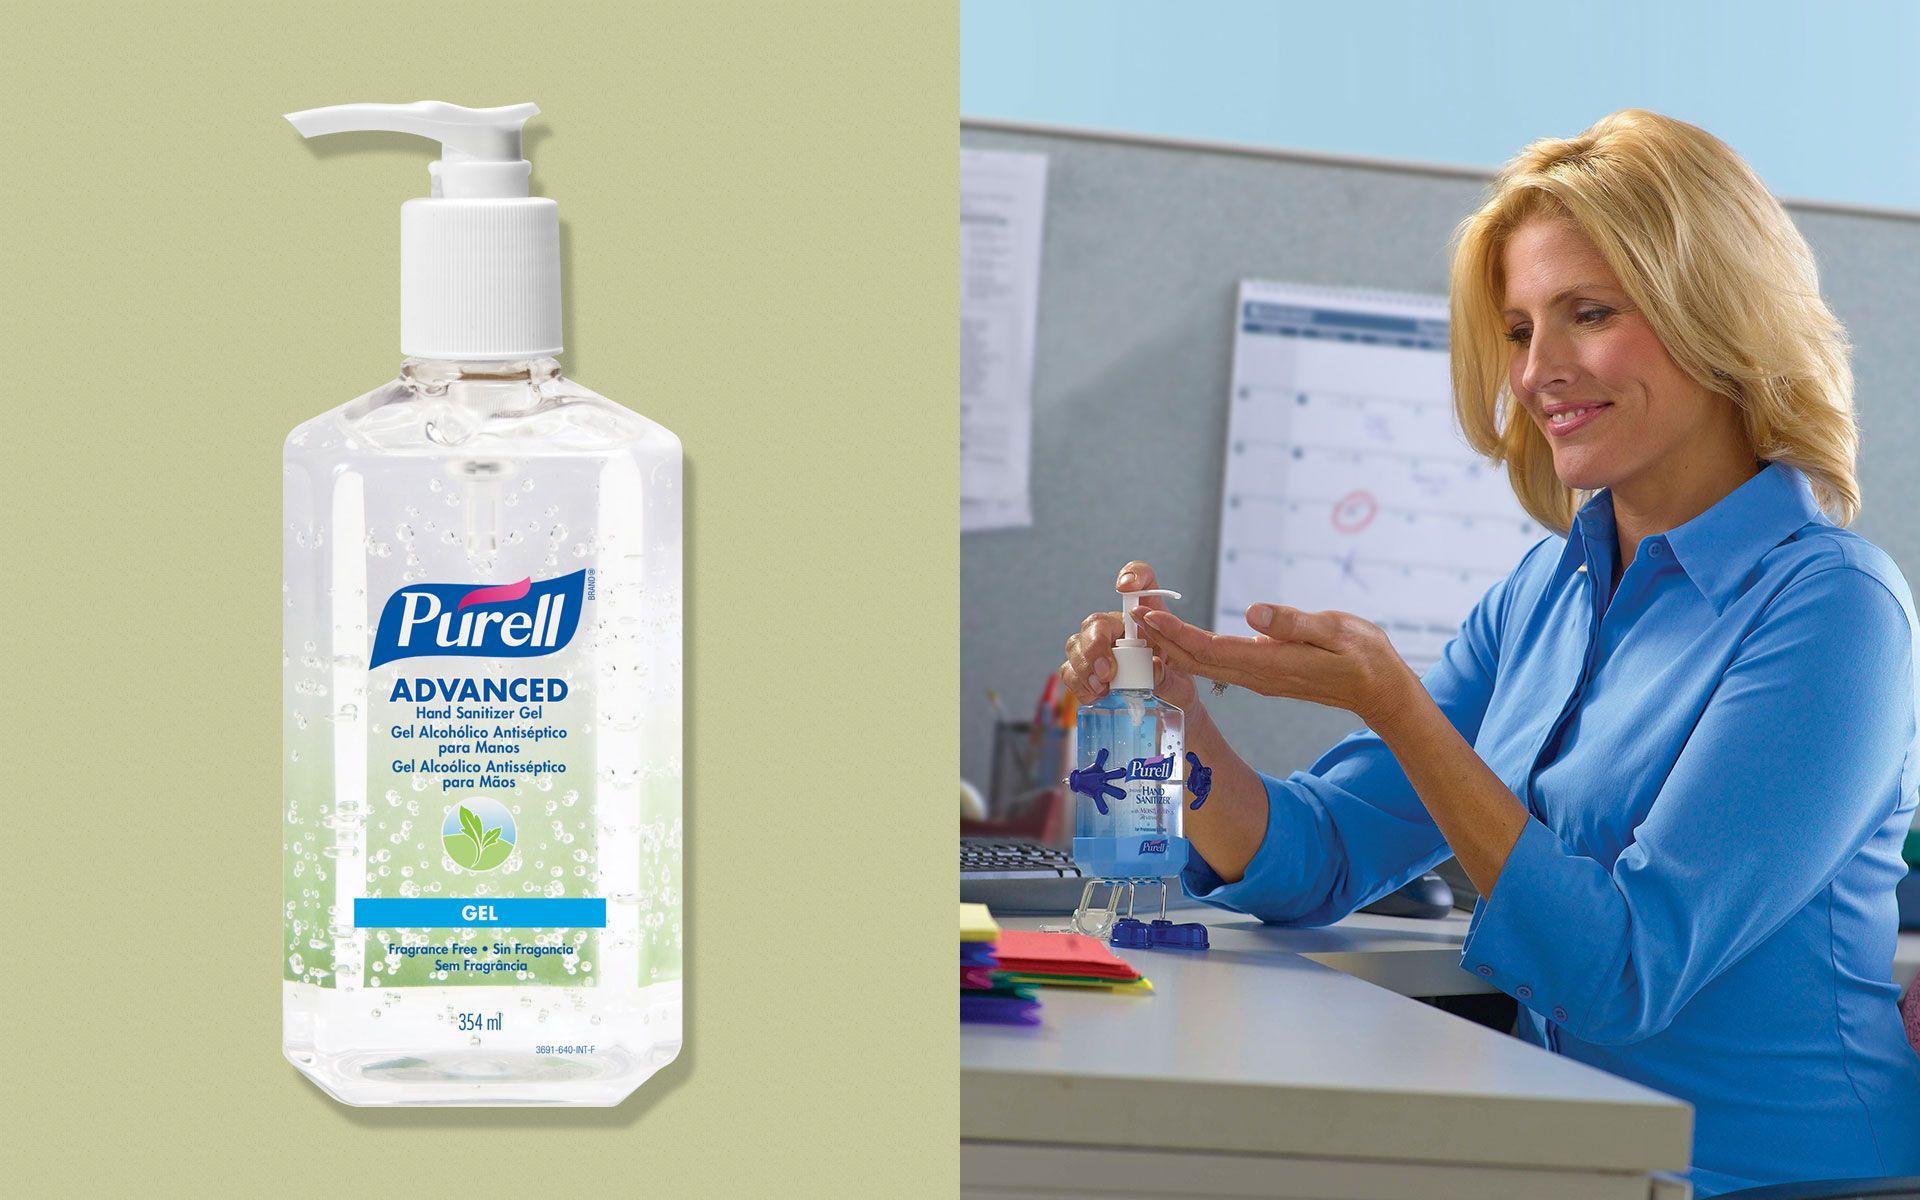 Álcool Gel PURELL para as mãos 354 ml - Validade 06/2022.  - Limpo e Organizado